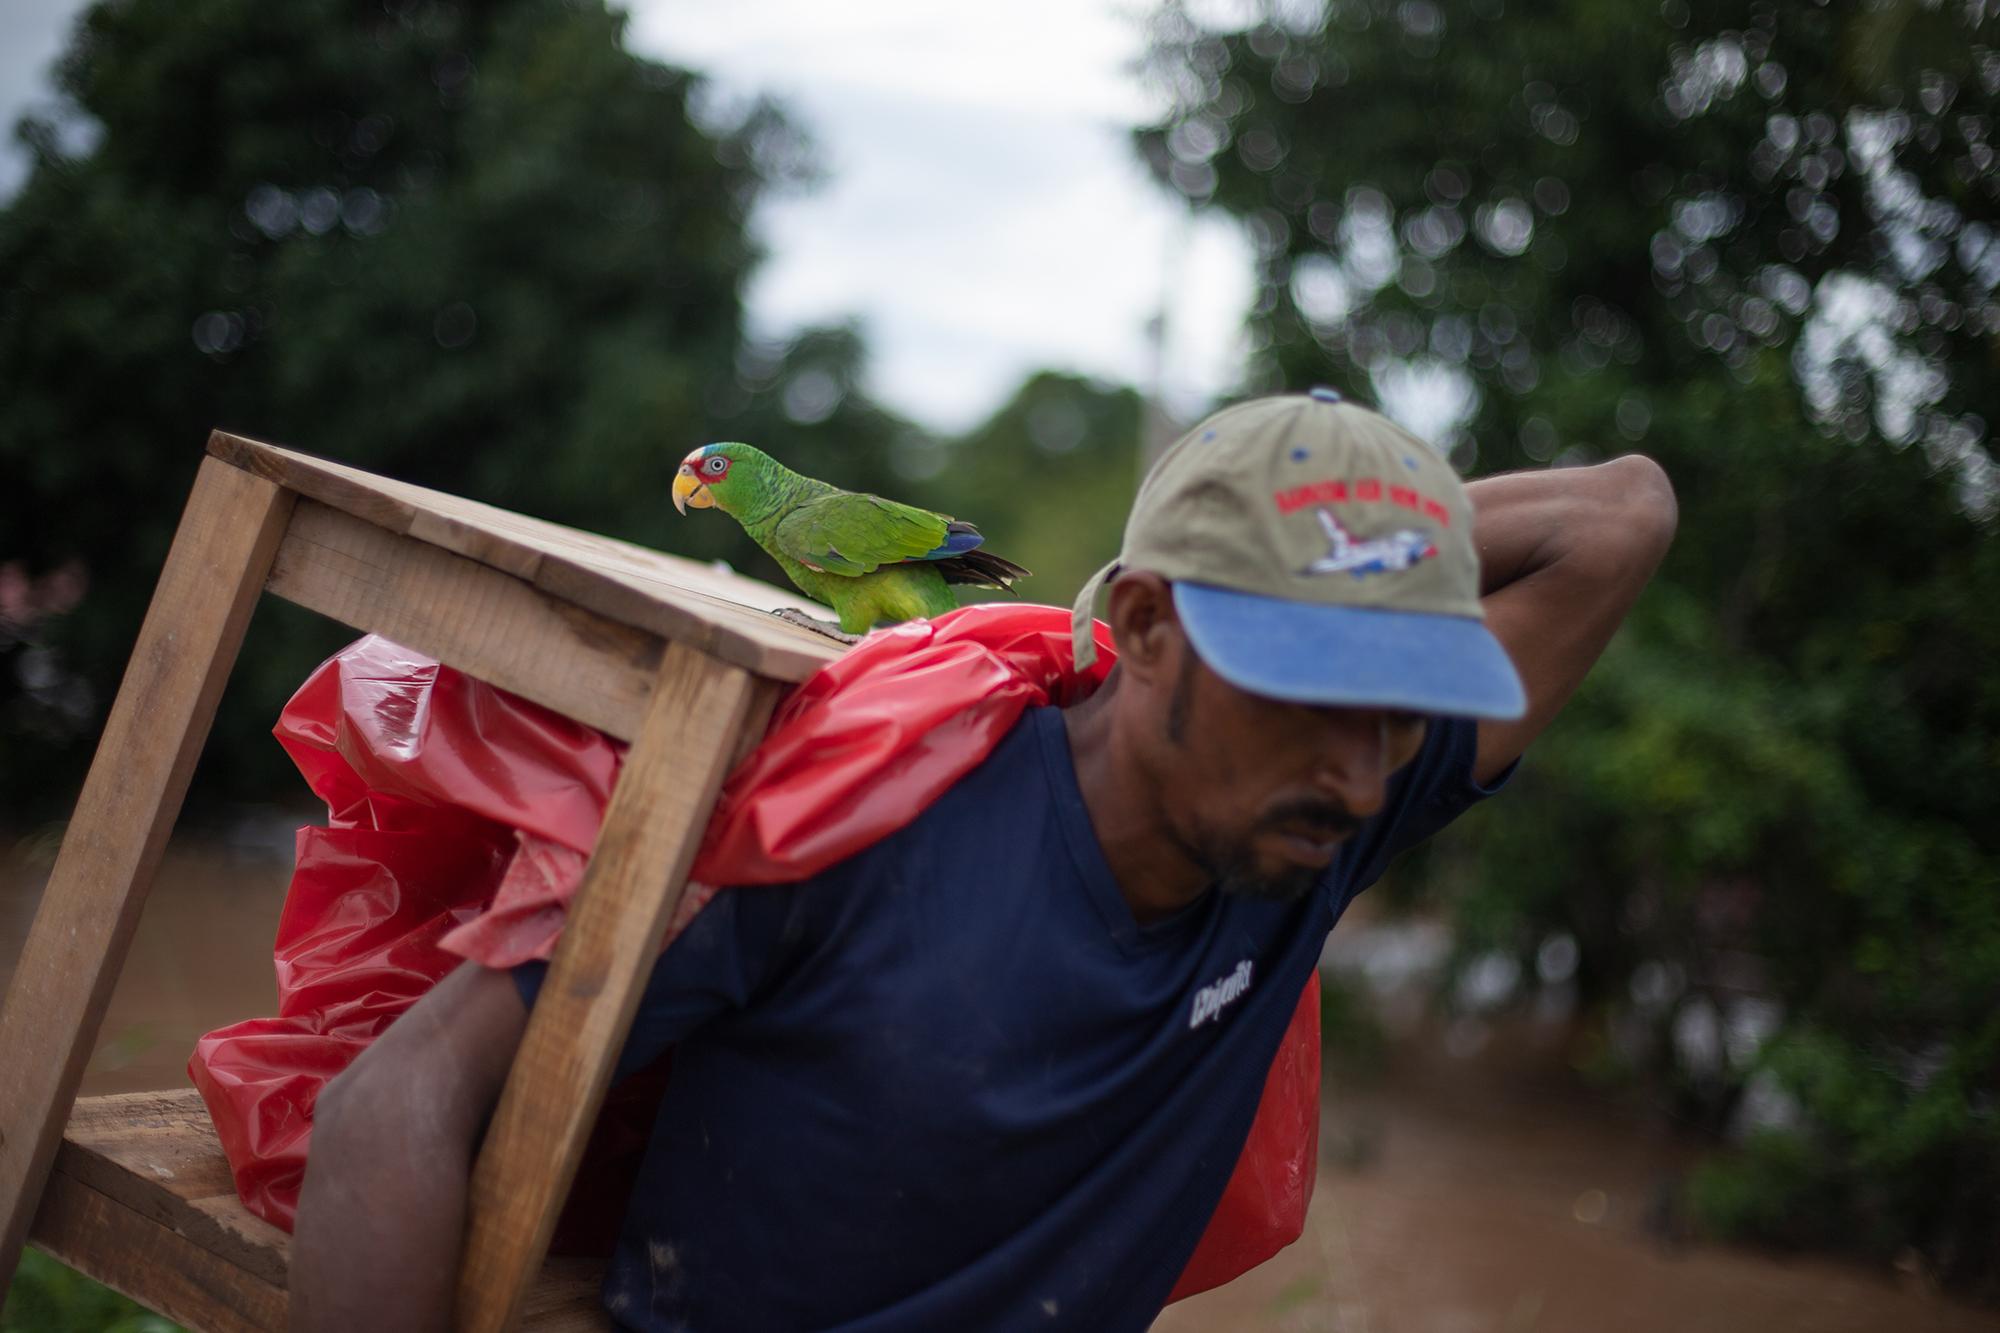 Un vecino de los bordos del río Ulúa rescata una mesa y a su mascota. Las comunidades a la orilla del río se encuentran inundadas debido al aumento del cauce, tras el paso de la tormenta tropical Iota. San Manuel, Cortés, 18 de noviembre de 2020. Foto: Martín Cálix.